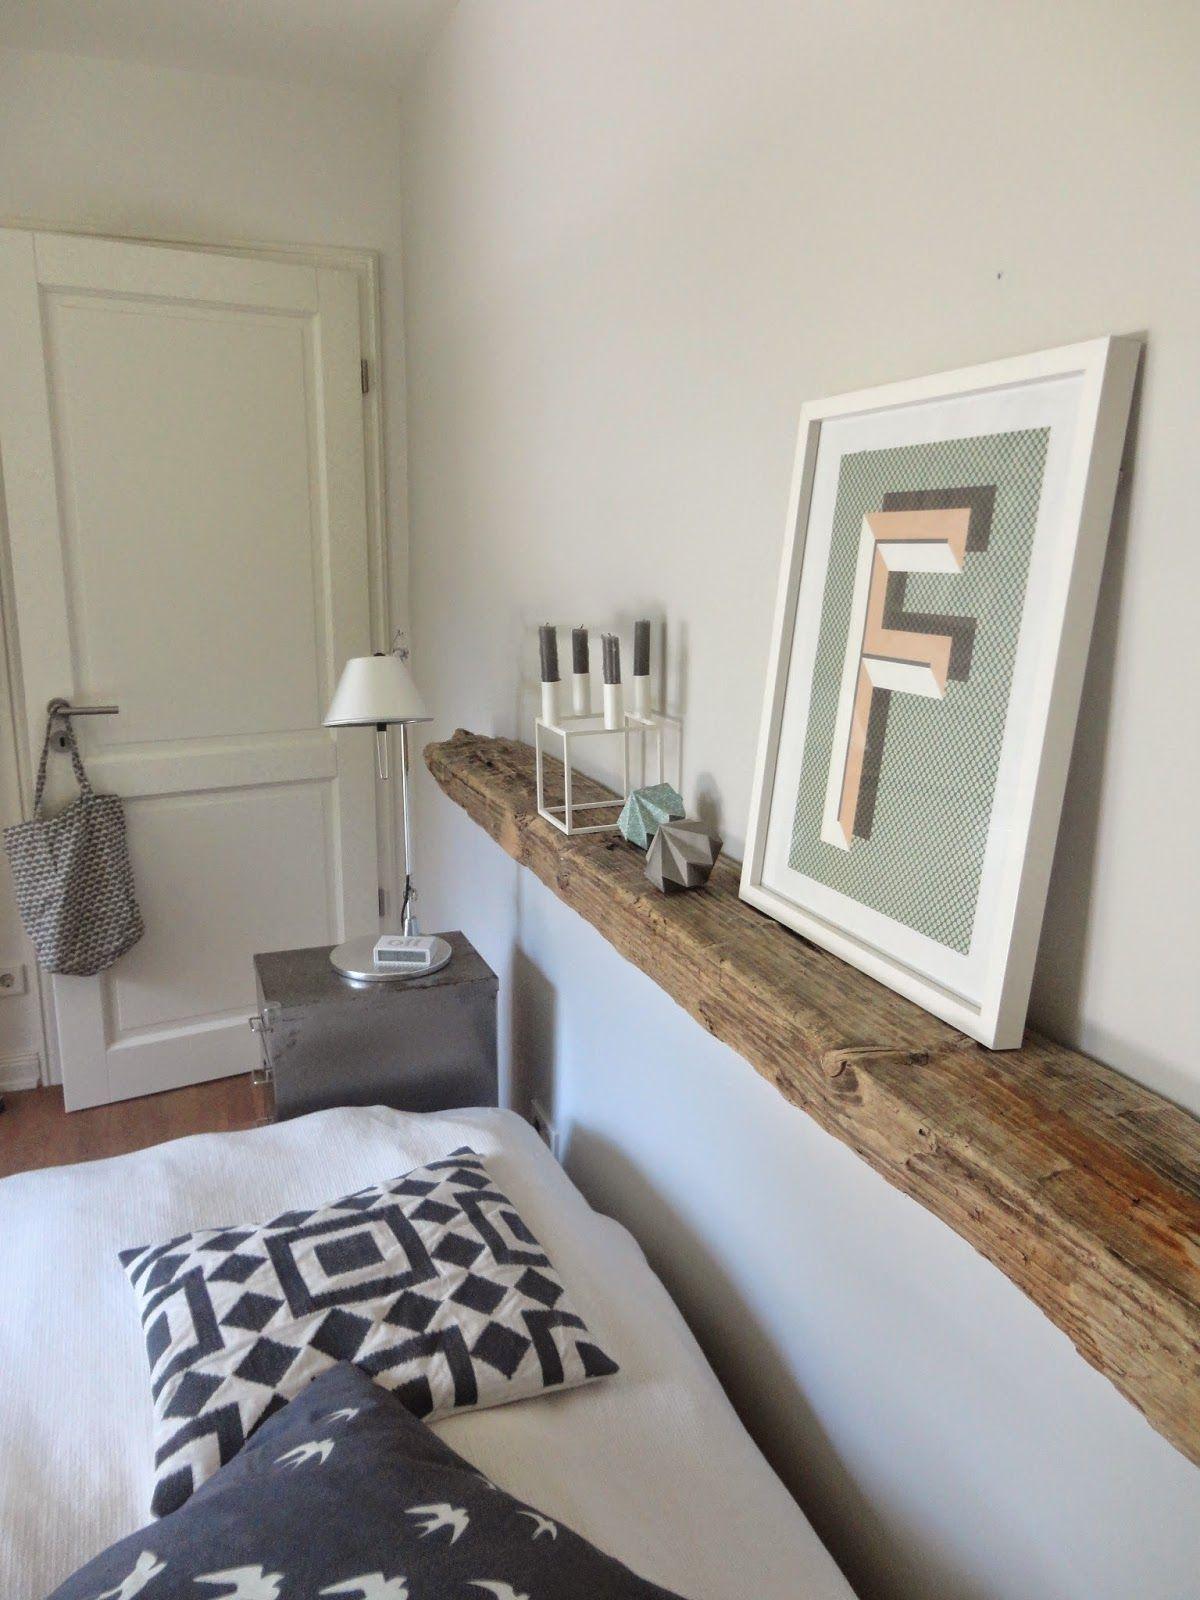 hej hanse arbeitszimmer schlafzimmer einrichtungsideen und badezimmer regal holz. Black Bedroom Furniture Sets. Home Design Ideas